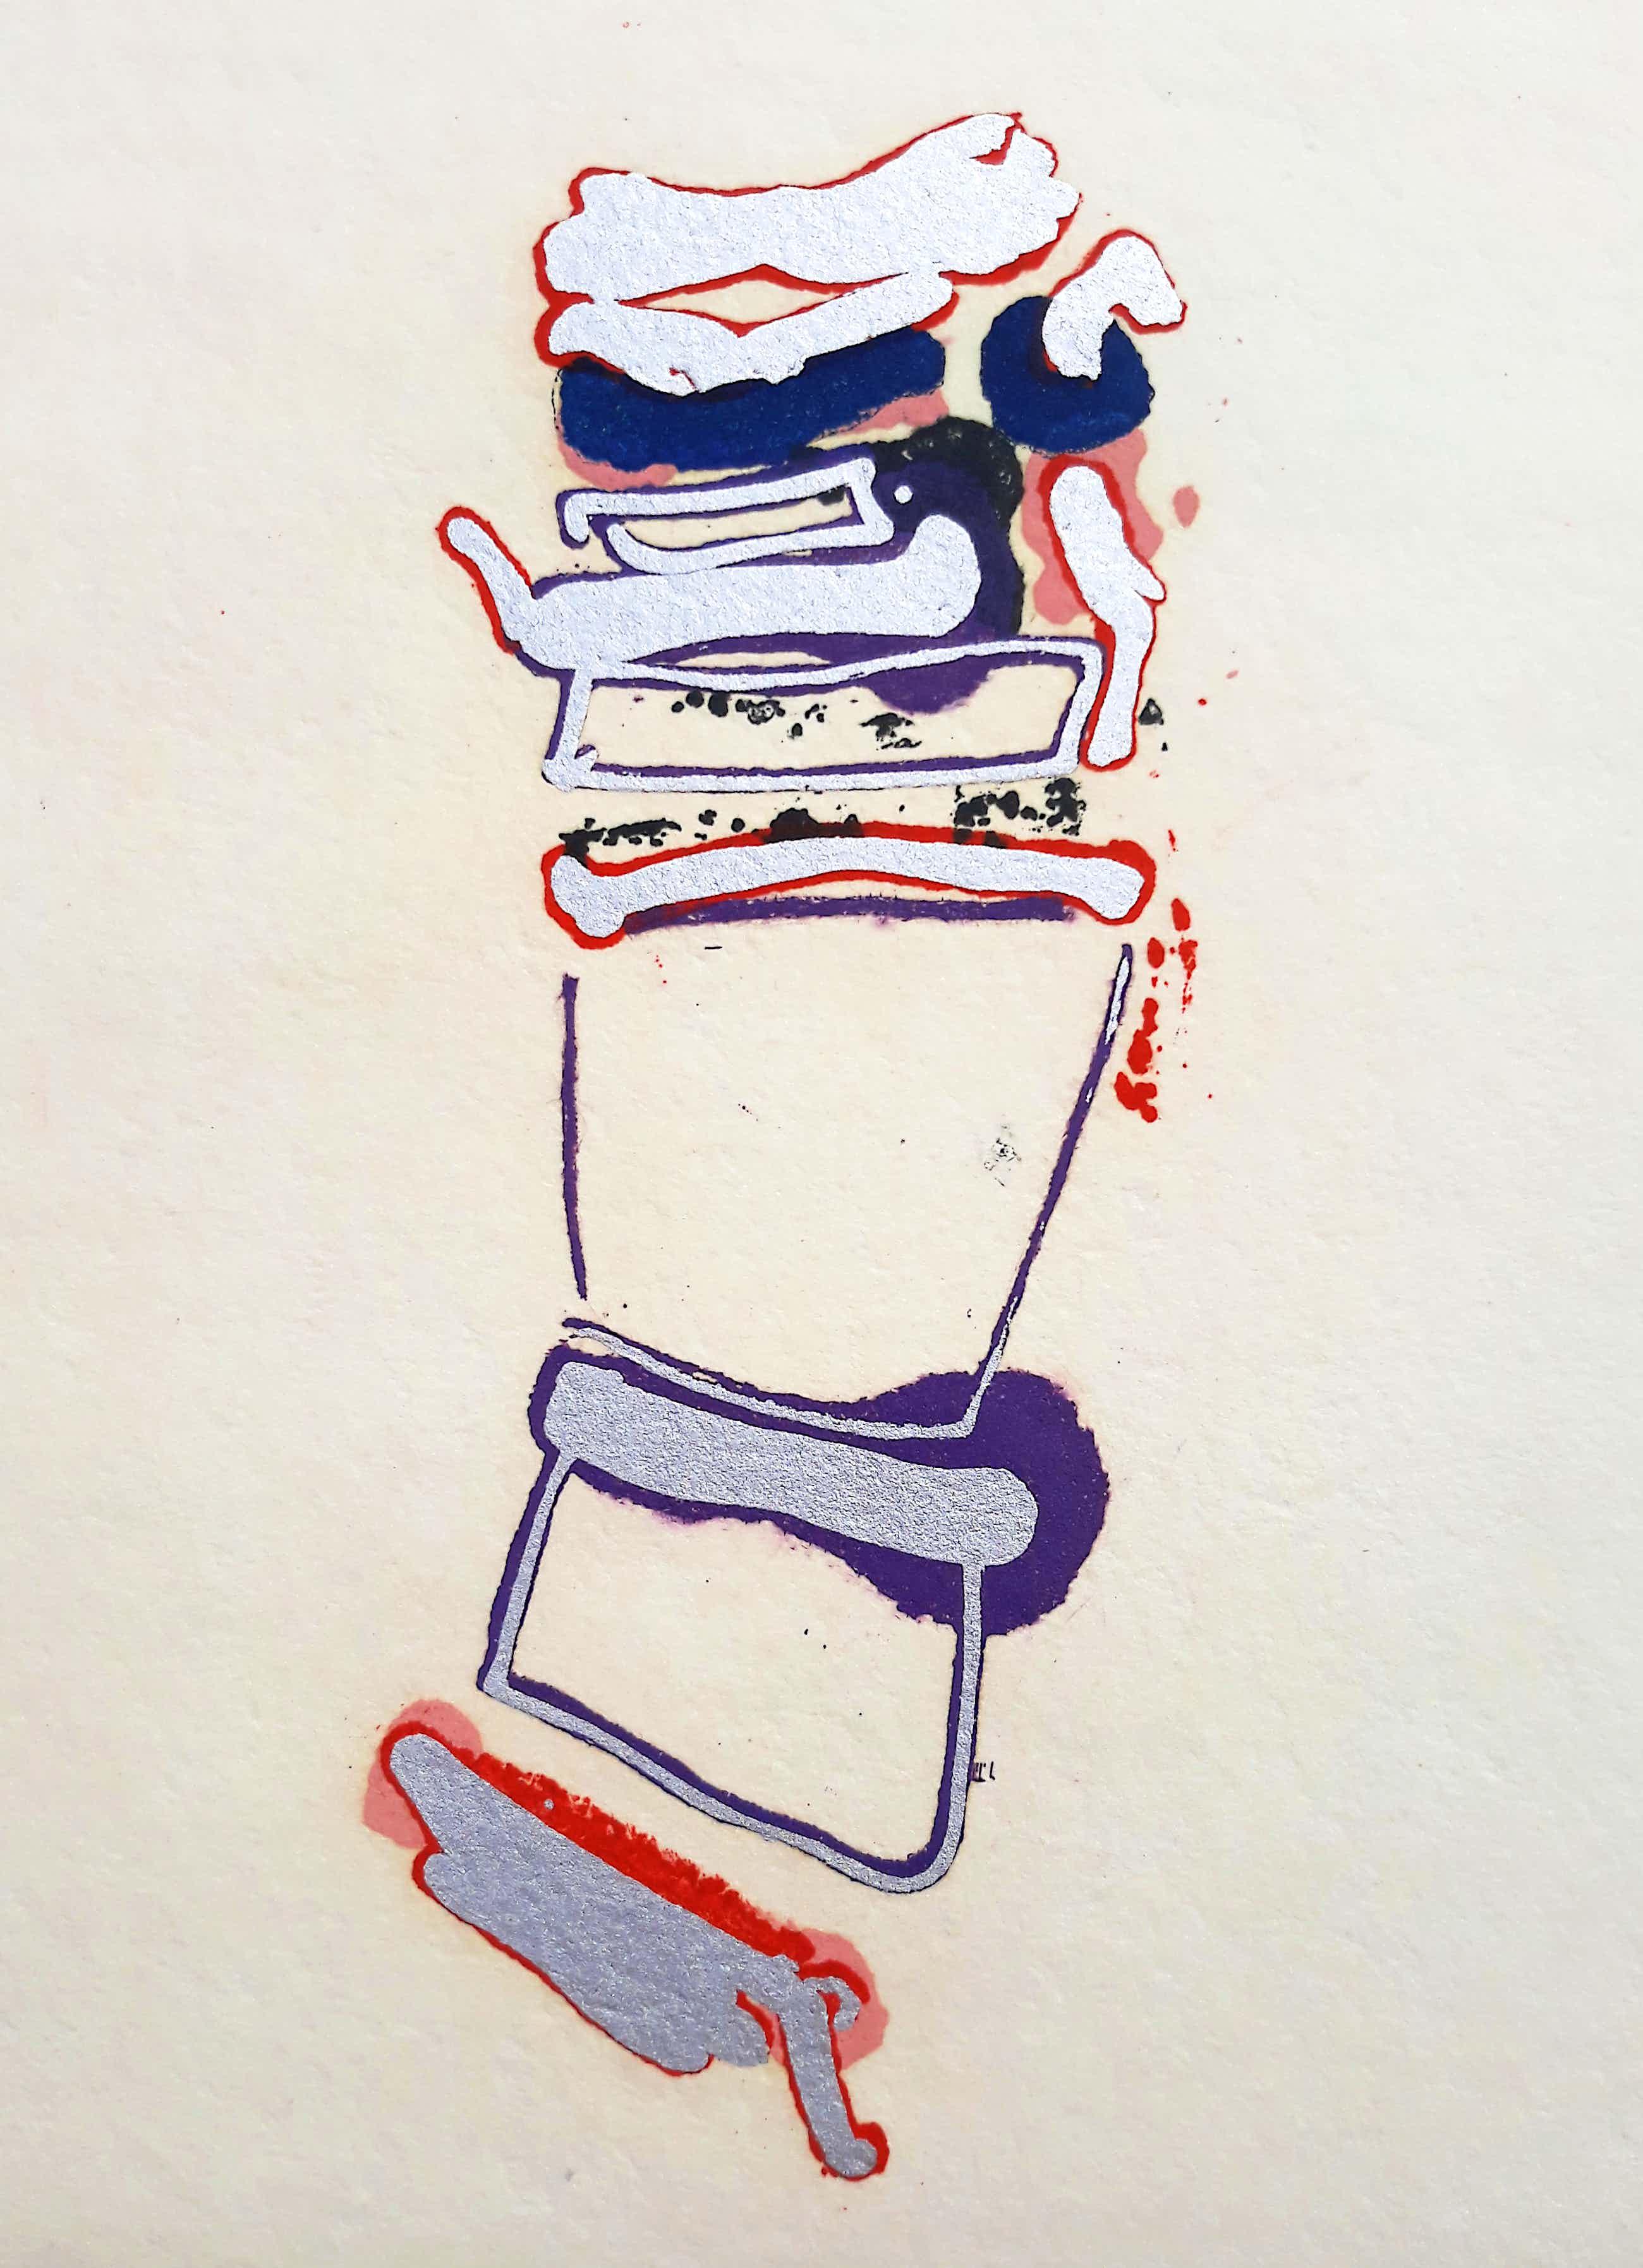 John Chamberlain - Abstracte compositie, aquatint ets kopen? Bied vanaf 250!